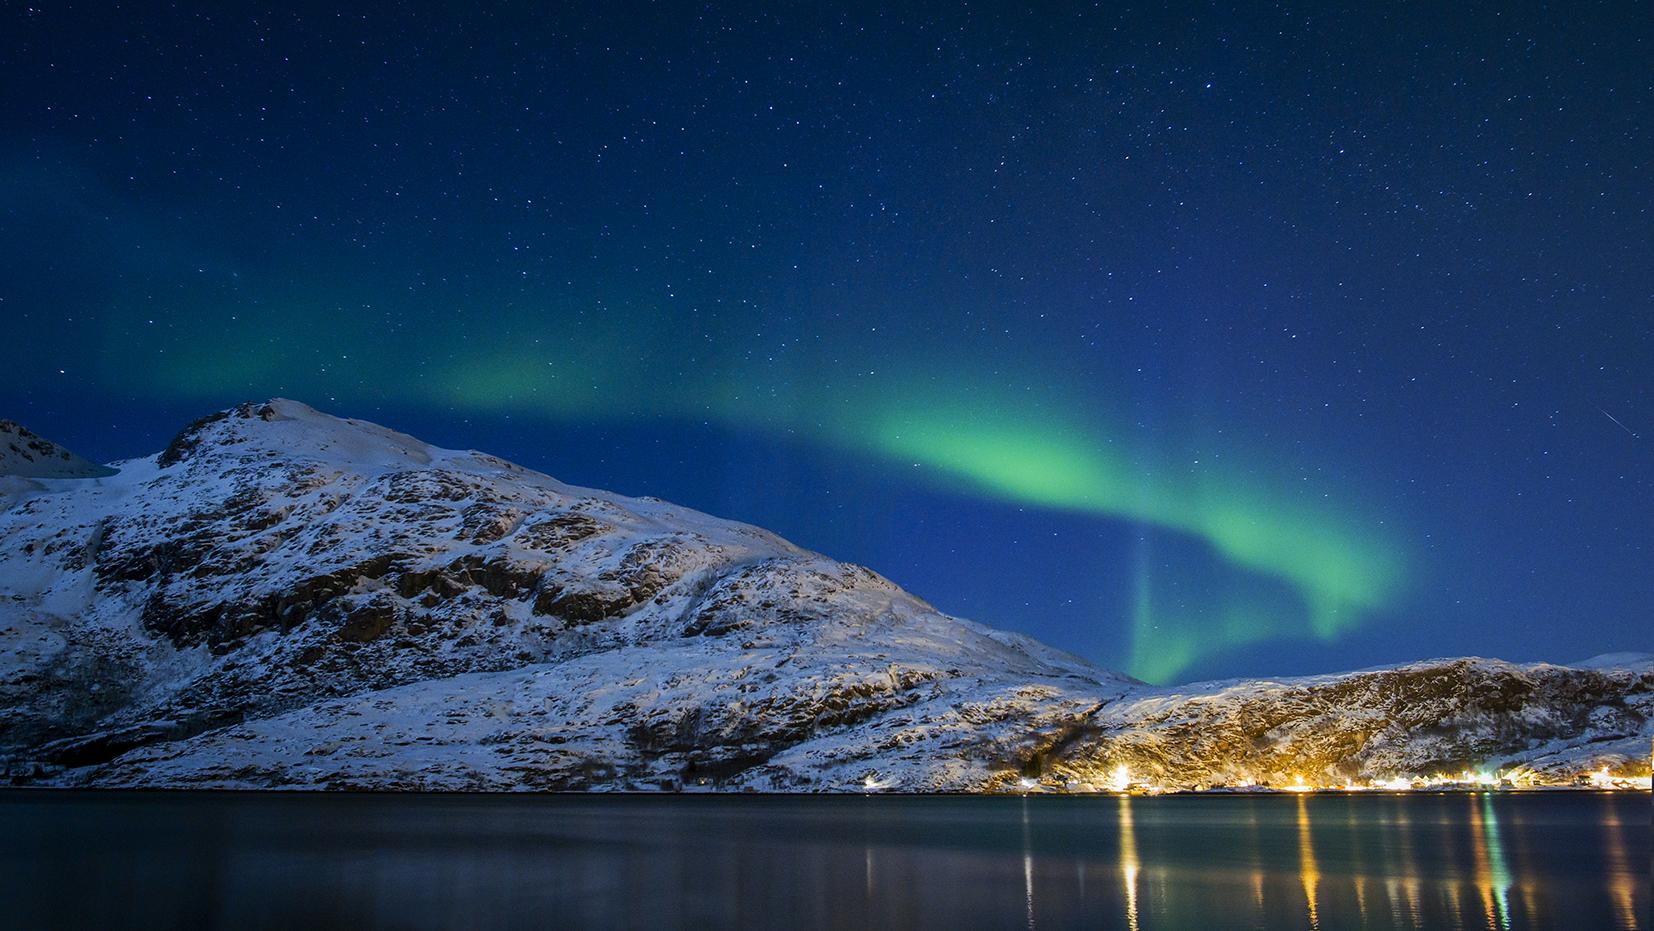 aurore boréale verte nuit montagne mer Norvège